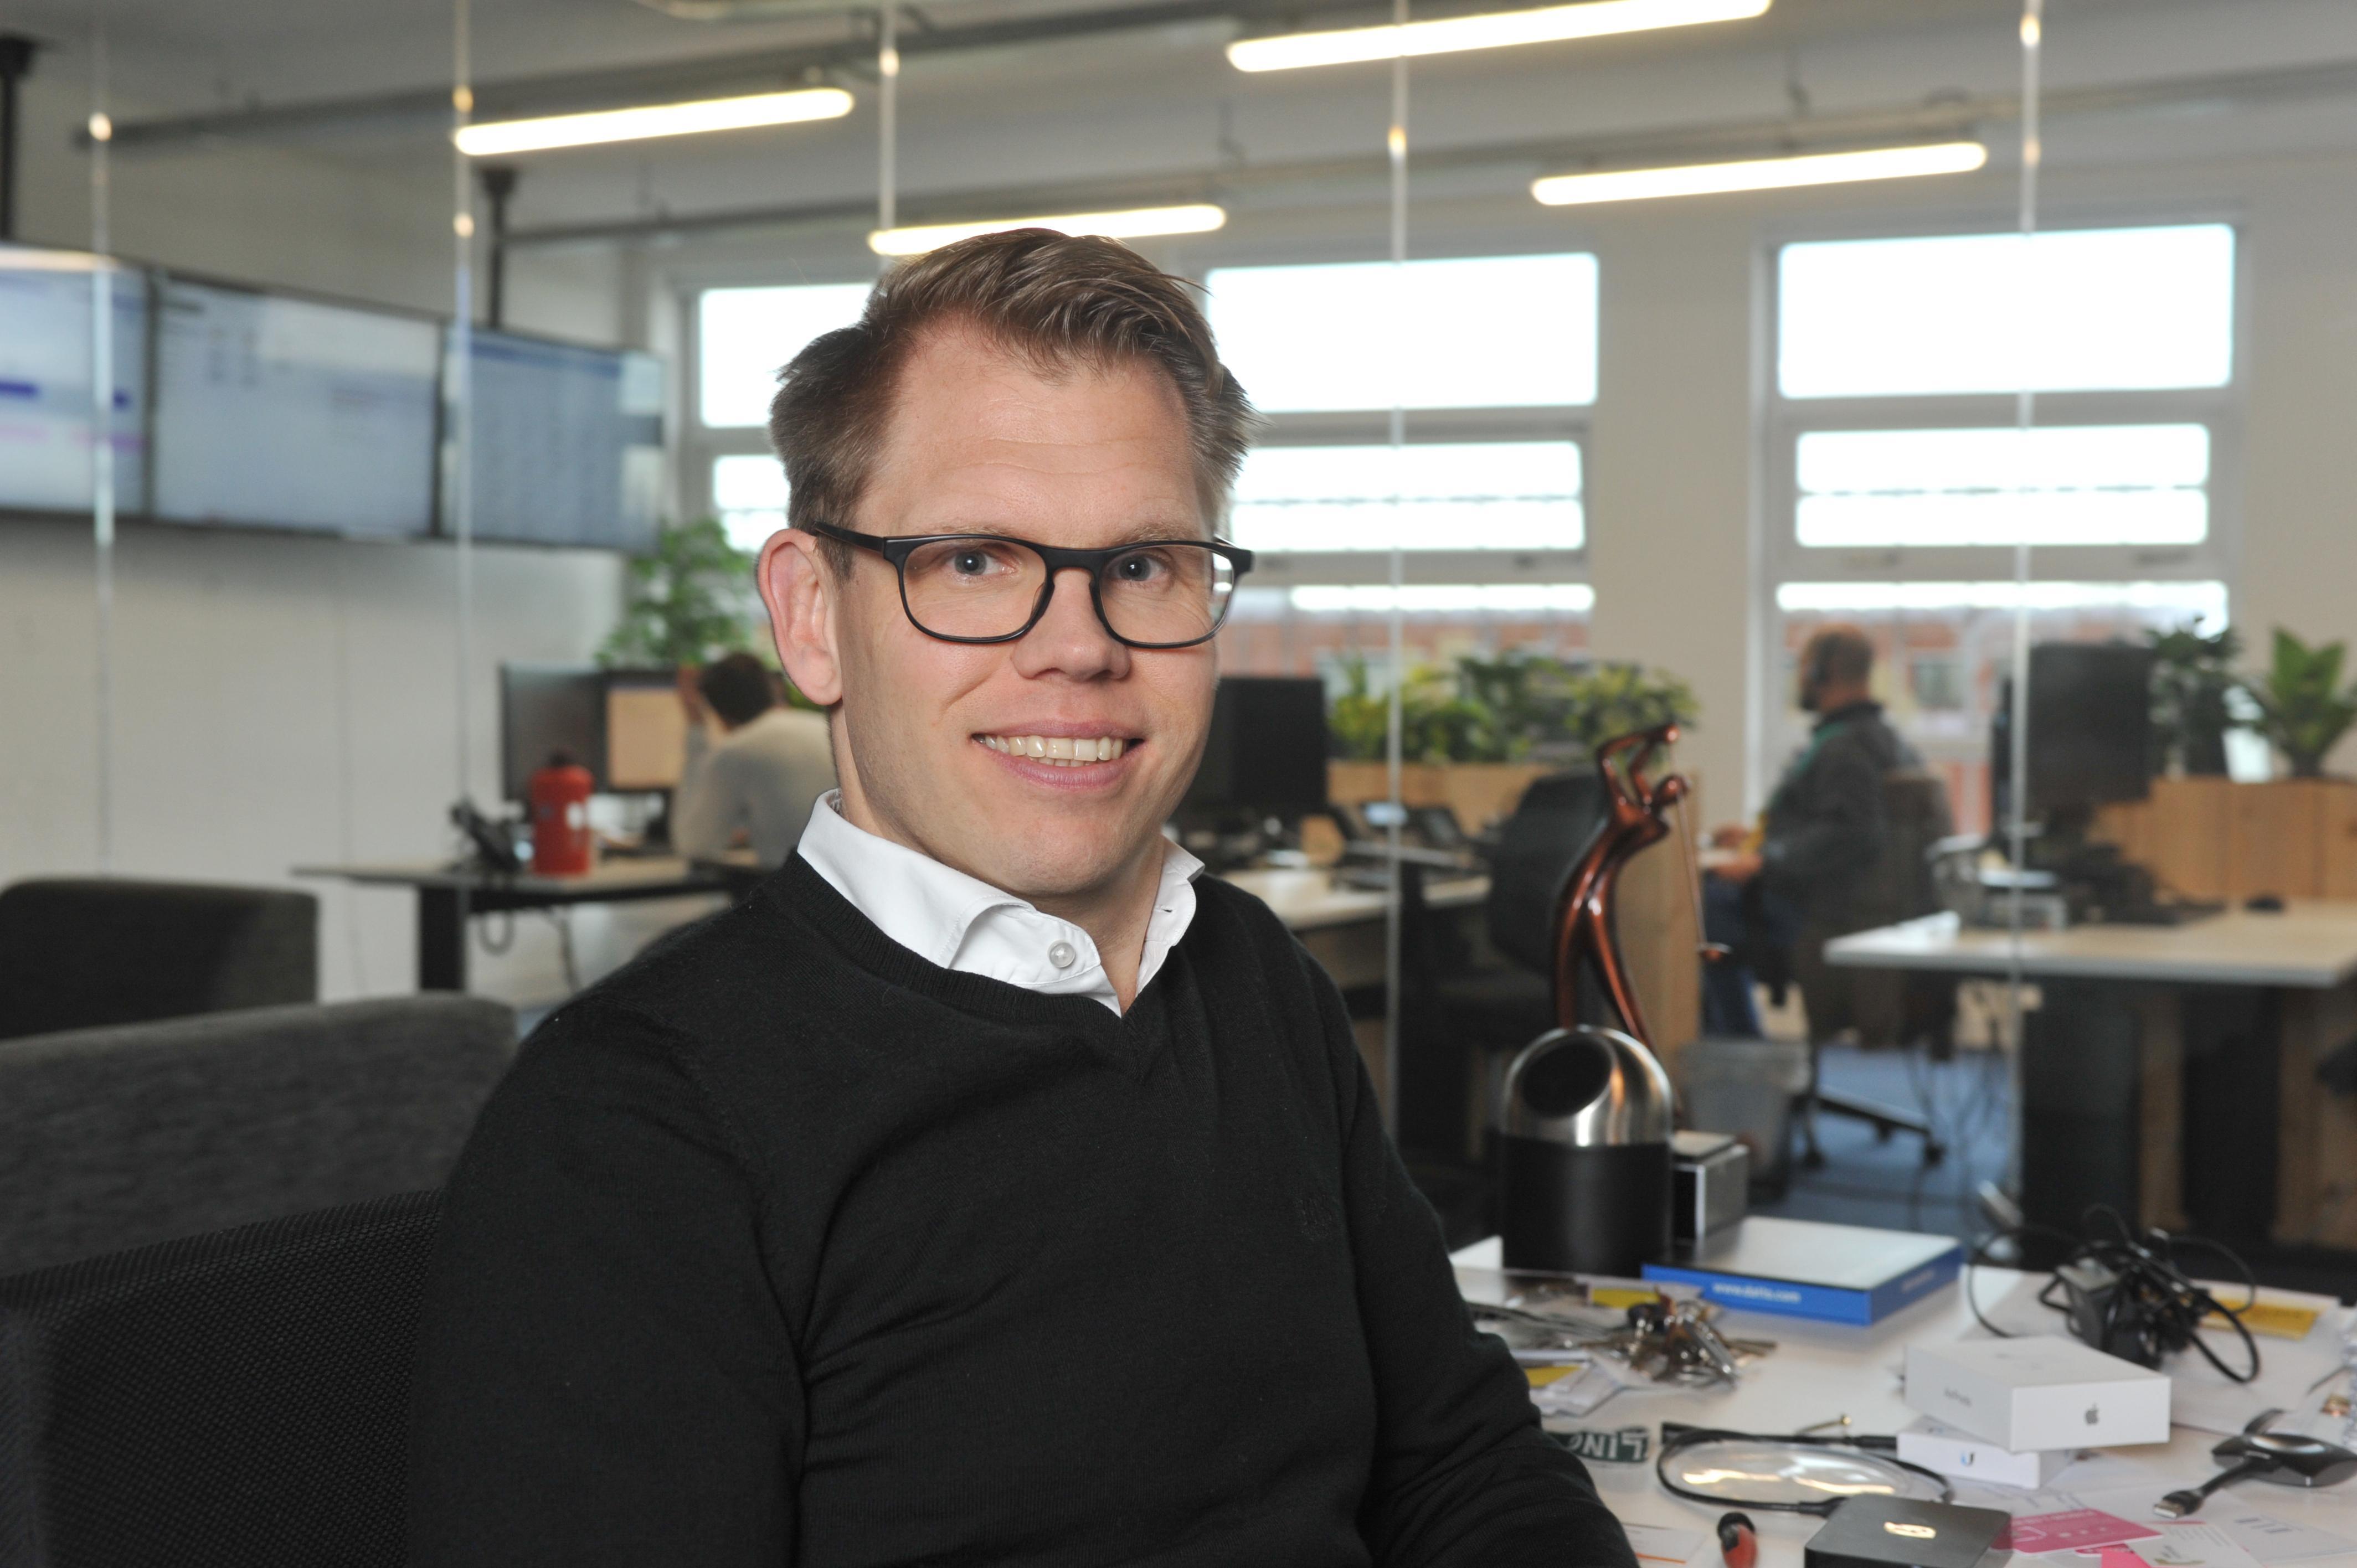 Na de zolderkamer ging het heel snel met het ICT-bedrijf JG Solutions van Jeroen Gosselink. '2020 is voor mij een topjaar'